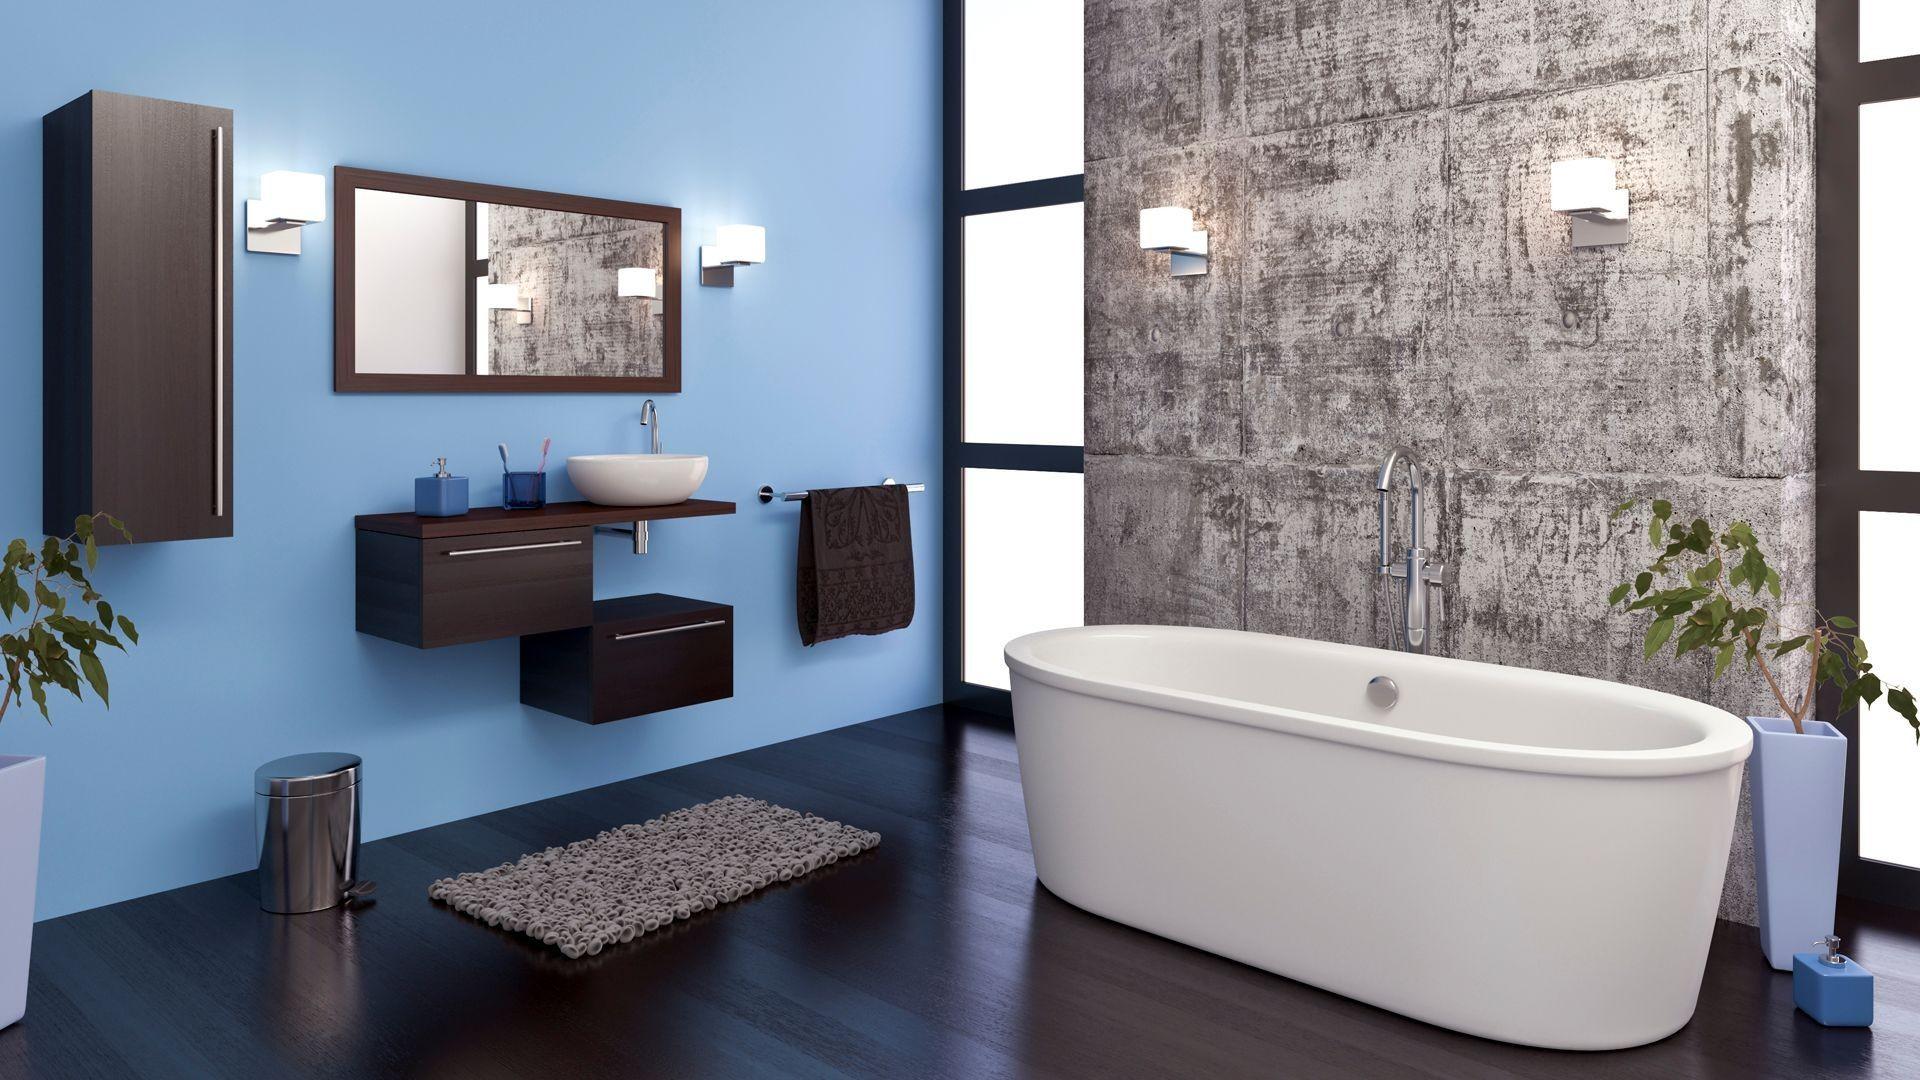 Venta de muebles de baño en Murcia